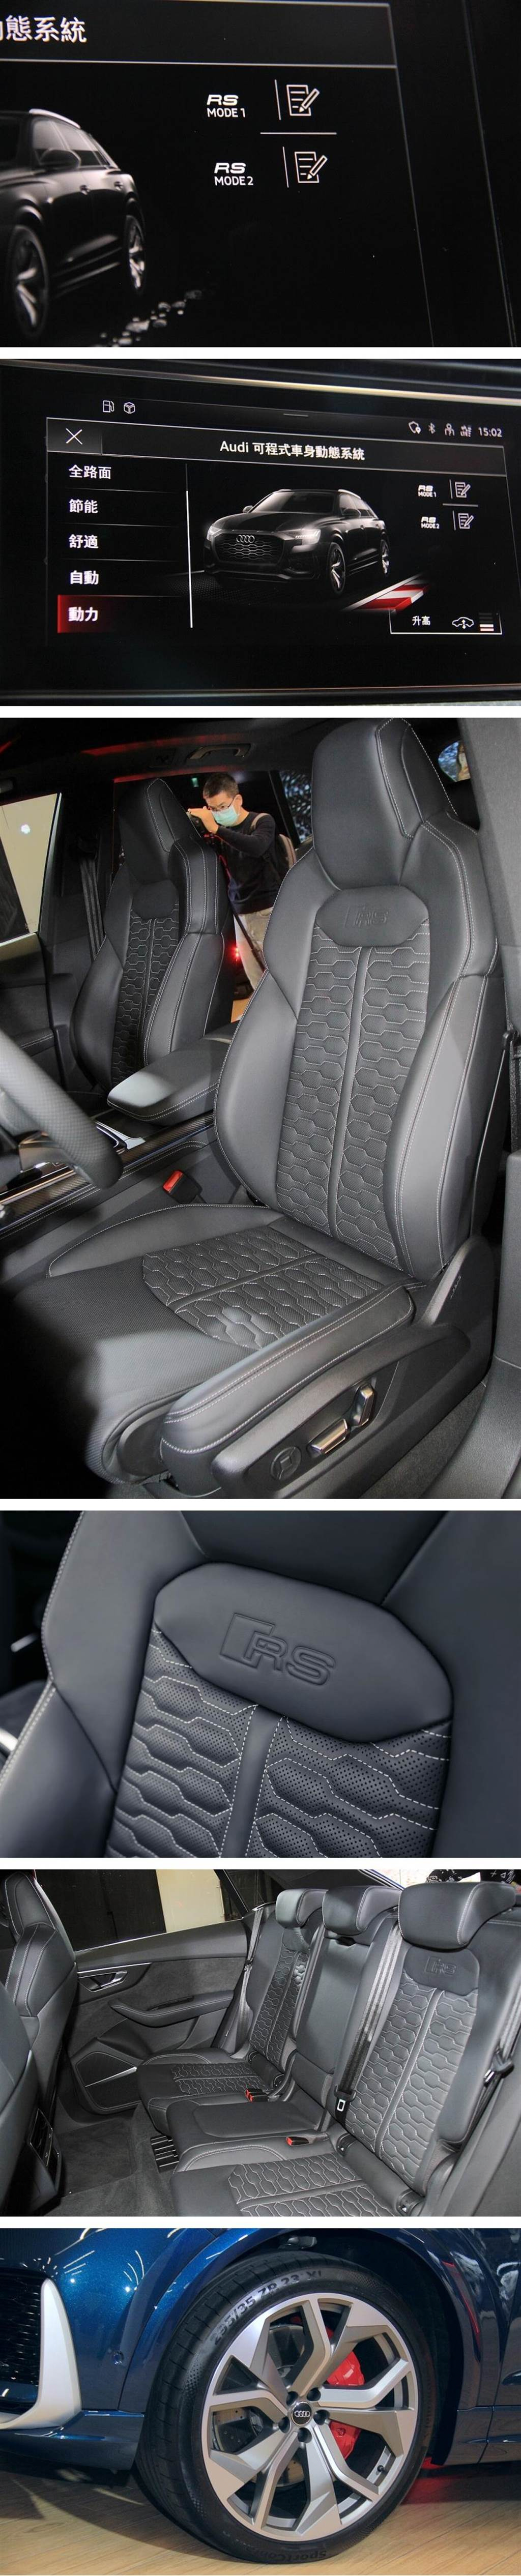 引進台灣的RS Q8特別將23吋輪圈列為標準配備,並搭配295 / 35 R23的巨幅輪胎。另一項最能代表Audi RS的消光碳纖維飾板,也是RS Q8的標準配備。